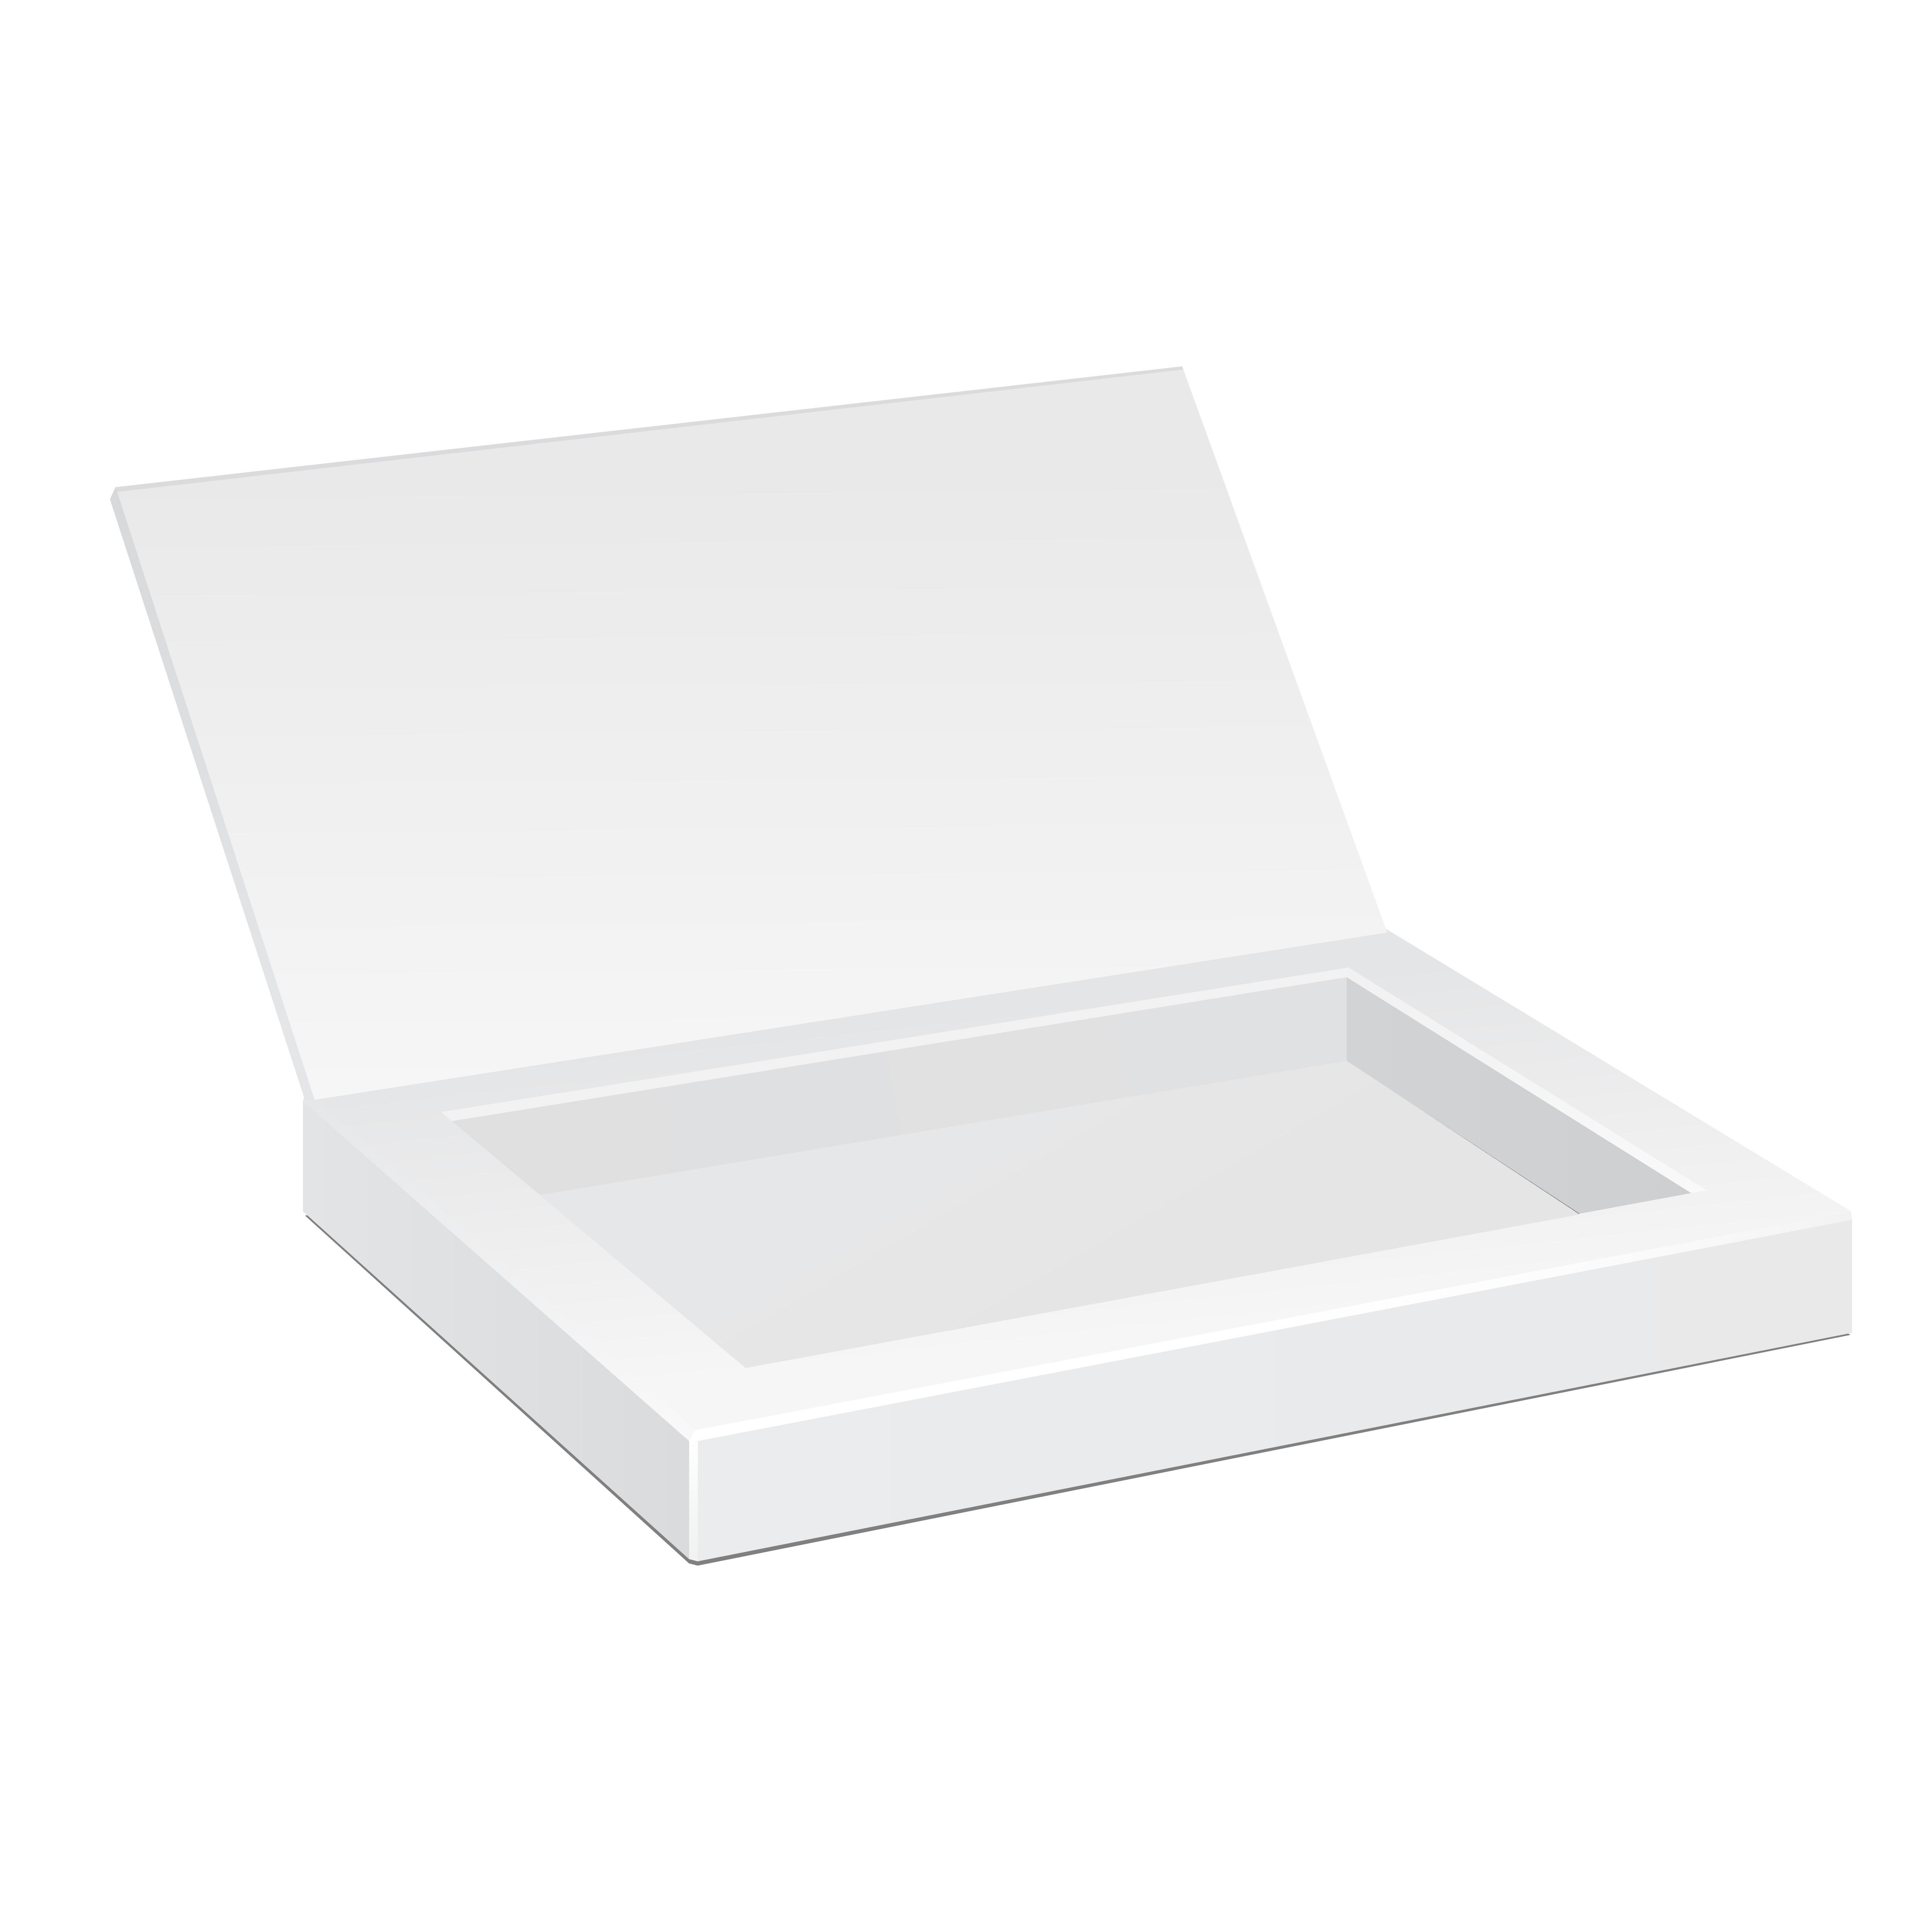 Garment boxes (20)